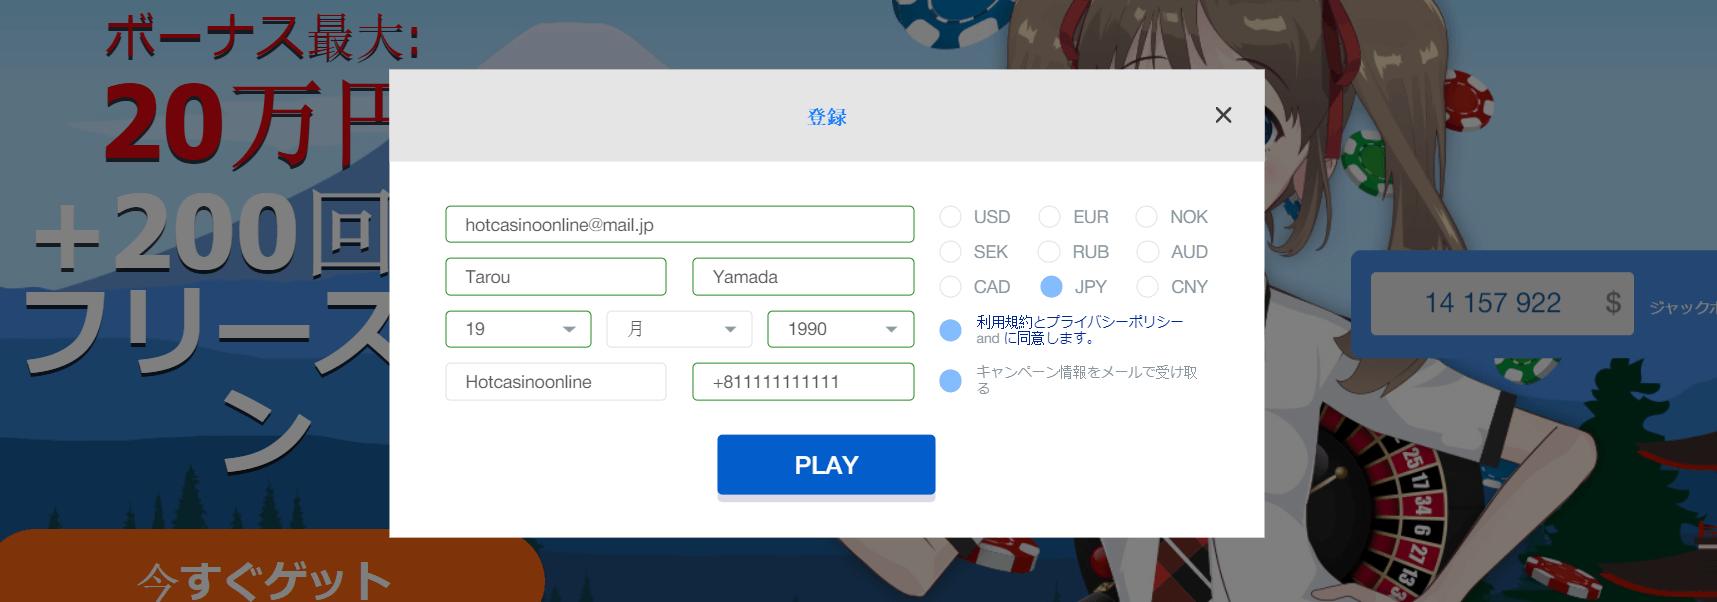 オンラインカジノx 登録